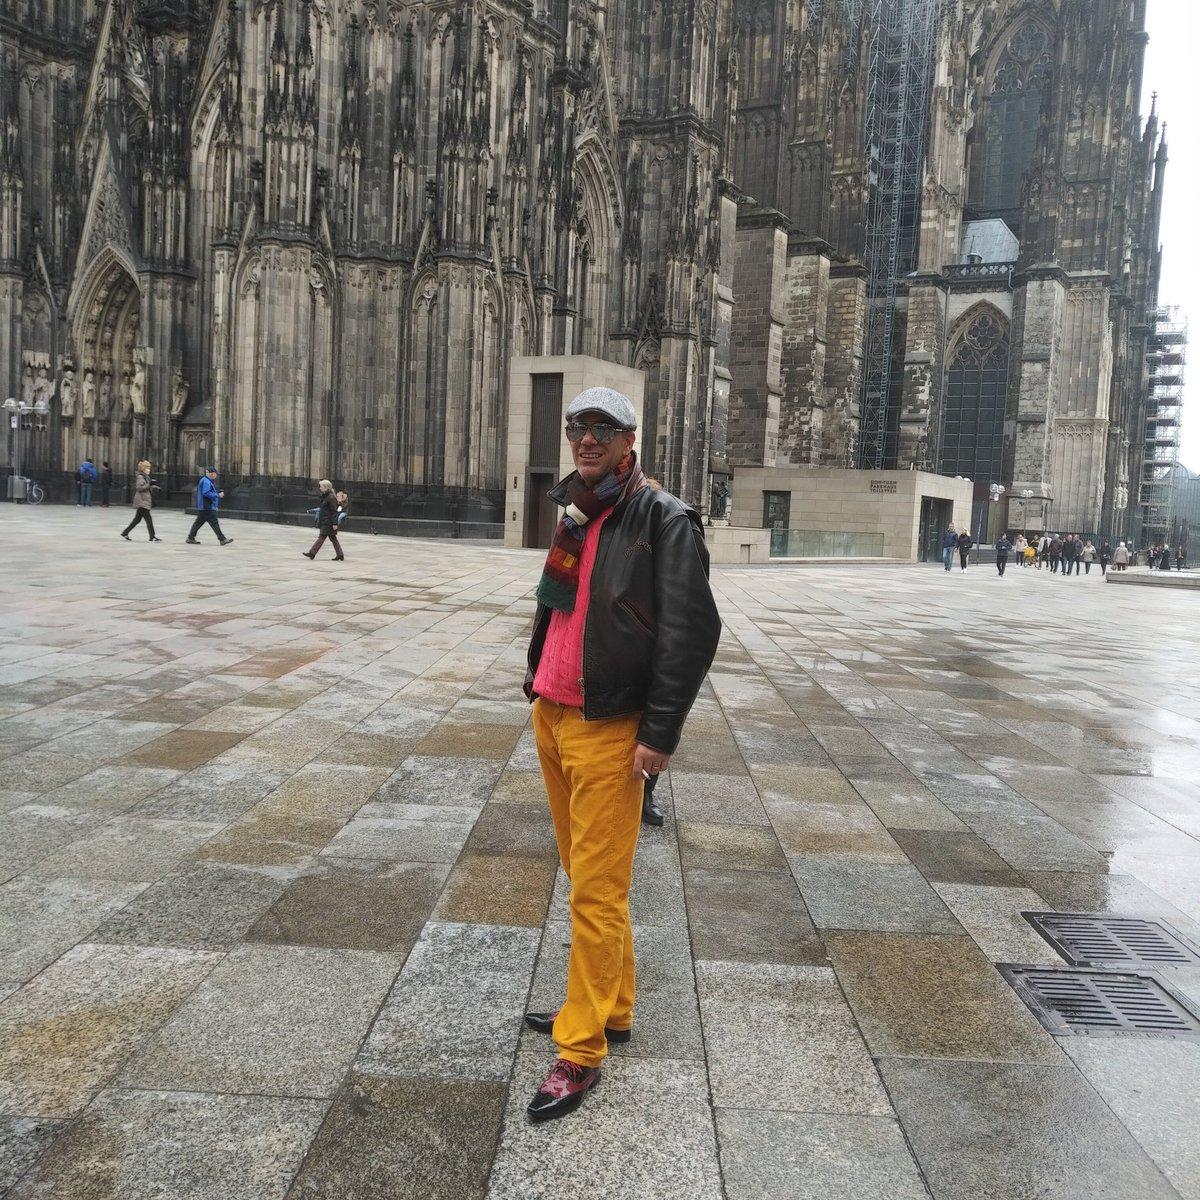 """Ick wurde letztens mal gefragt, warum ick #Köln so anziehend finde.  Meine Antwort:  """"#Kölle ist eine bezaubernde Stadt, weil sie die umwerfende @WolfMalca  und die umwerfende @juliefromspb  hat"""". pic.twitter.com/WKiMVM1YF3"""